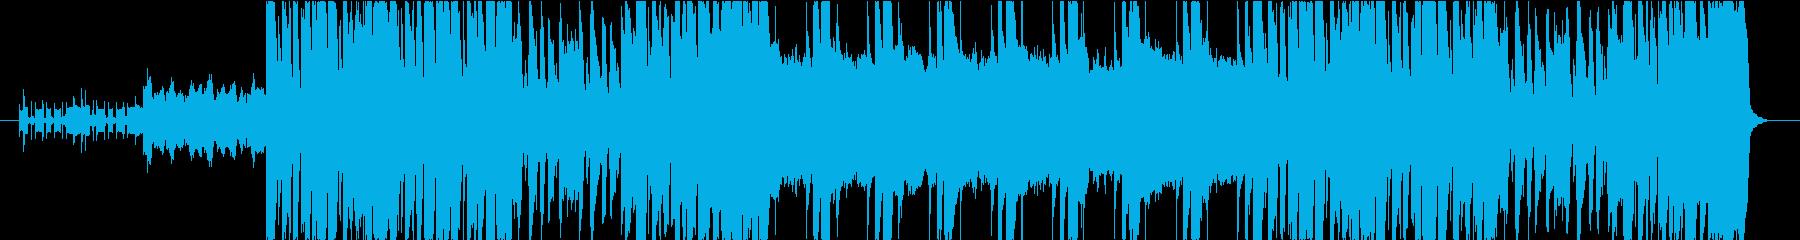 エレクトリック&弦楽器のアッパーチューンの再生済みの波形